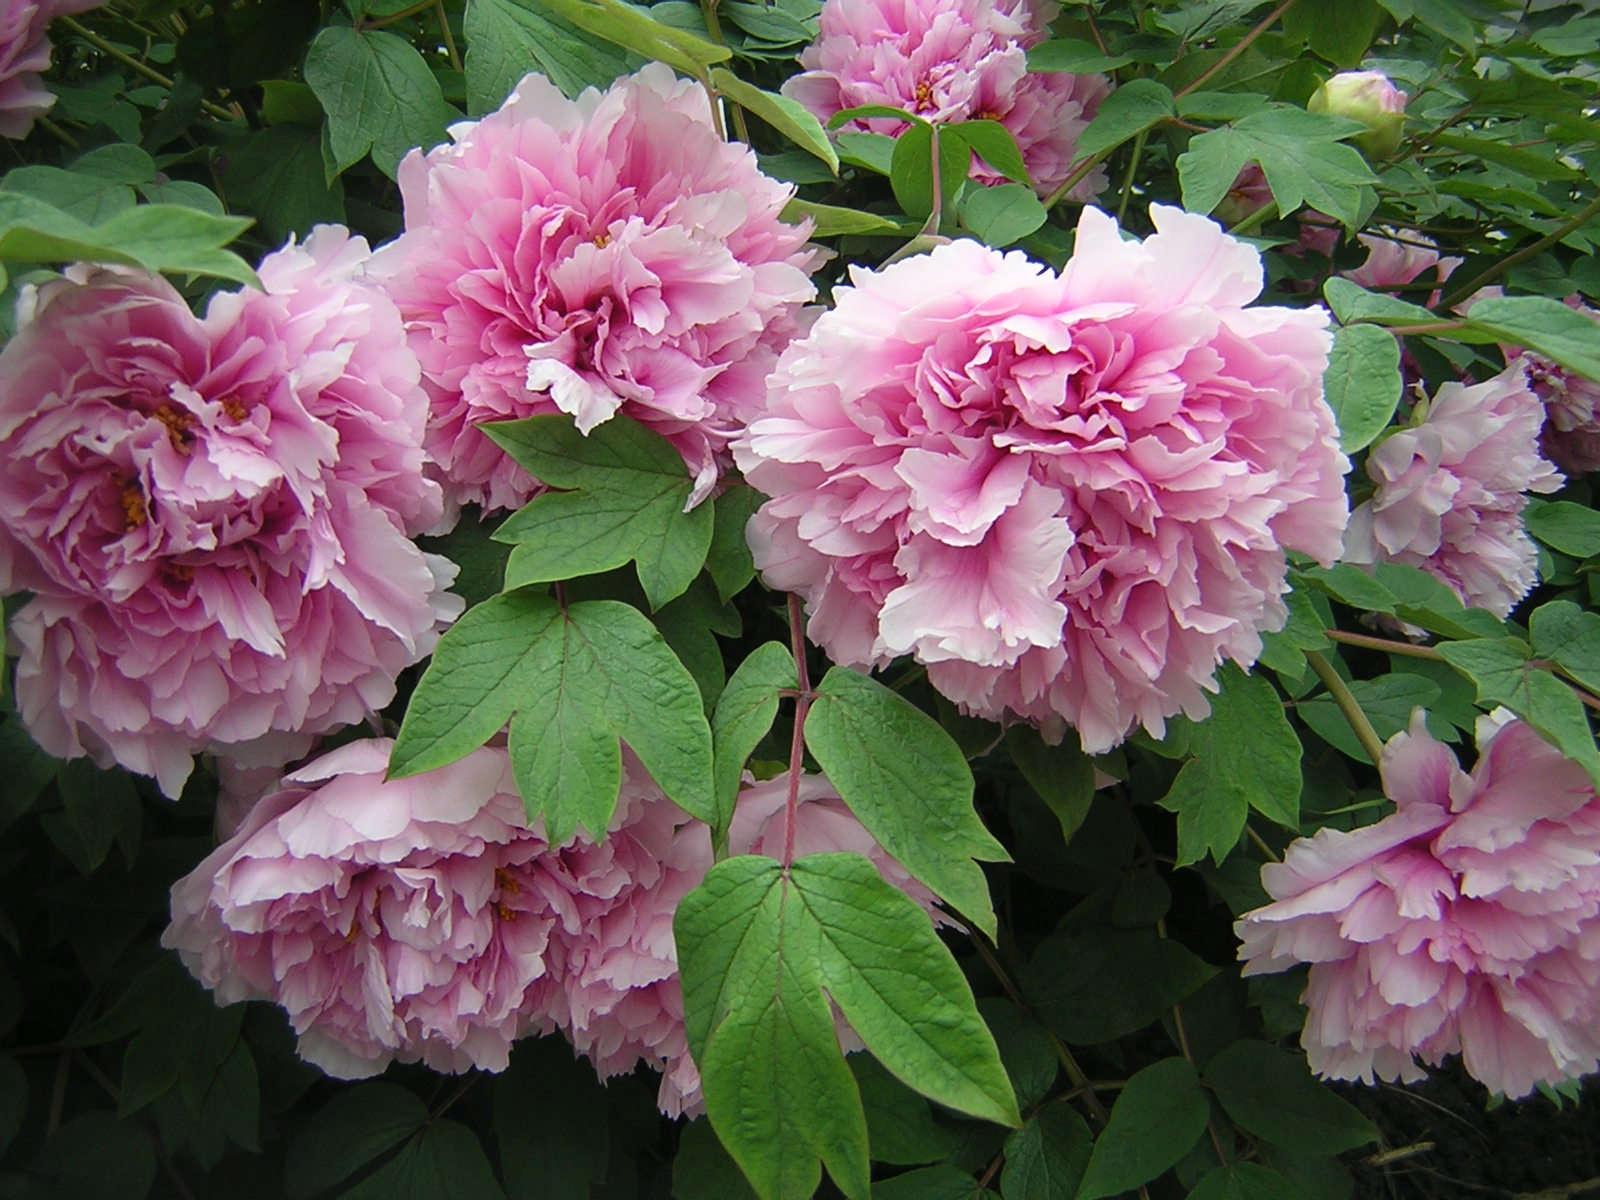 Should I Prune My Dead Peony Flowers? | Garden Eats